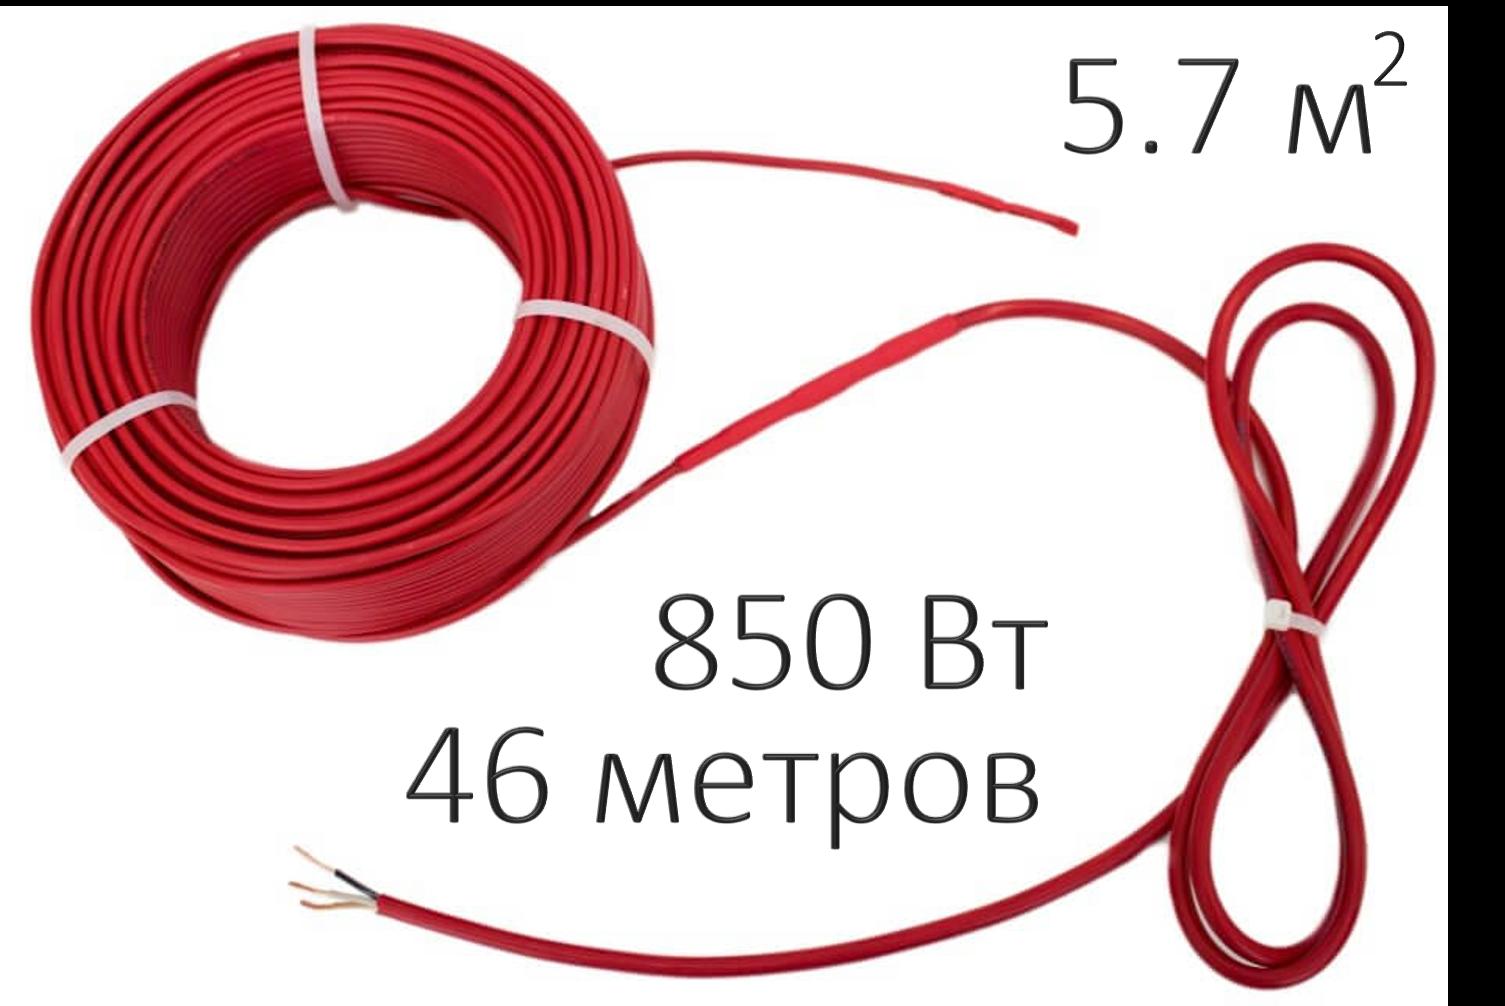 Кабельная нагревательная секция СТН КС-850 (850 Вт, 46 пм)